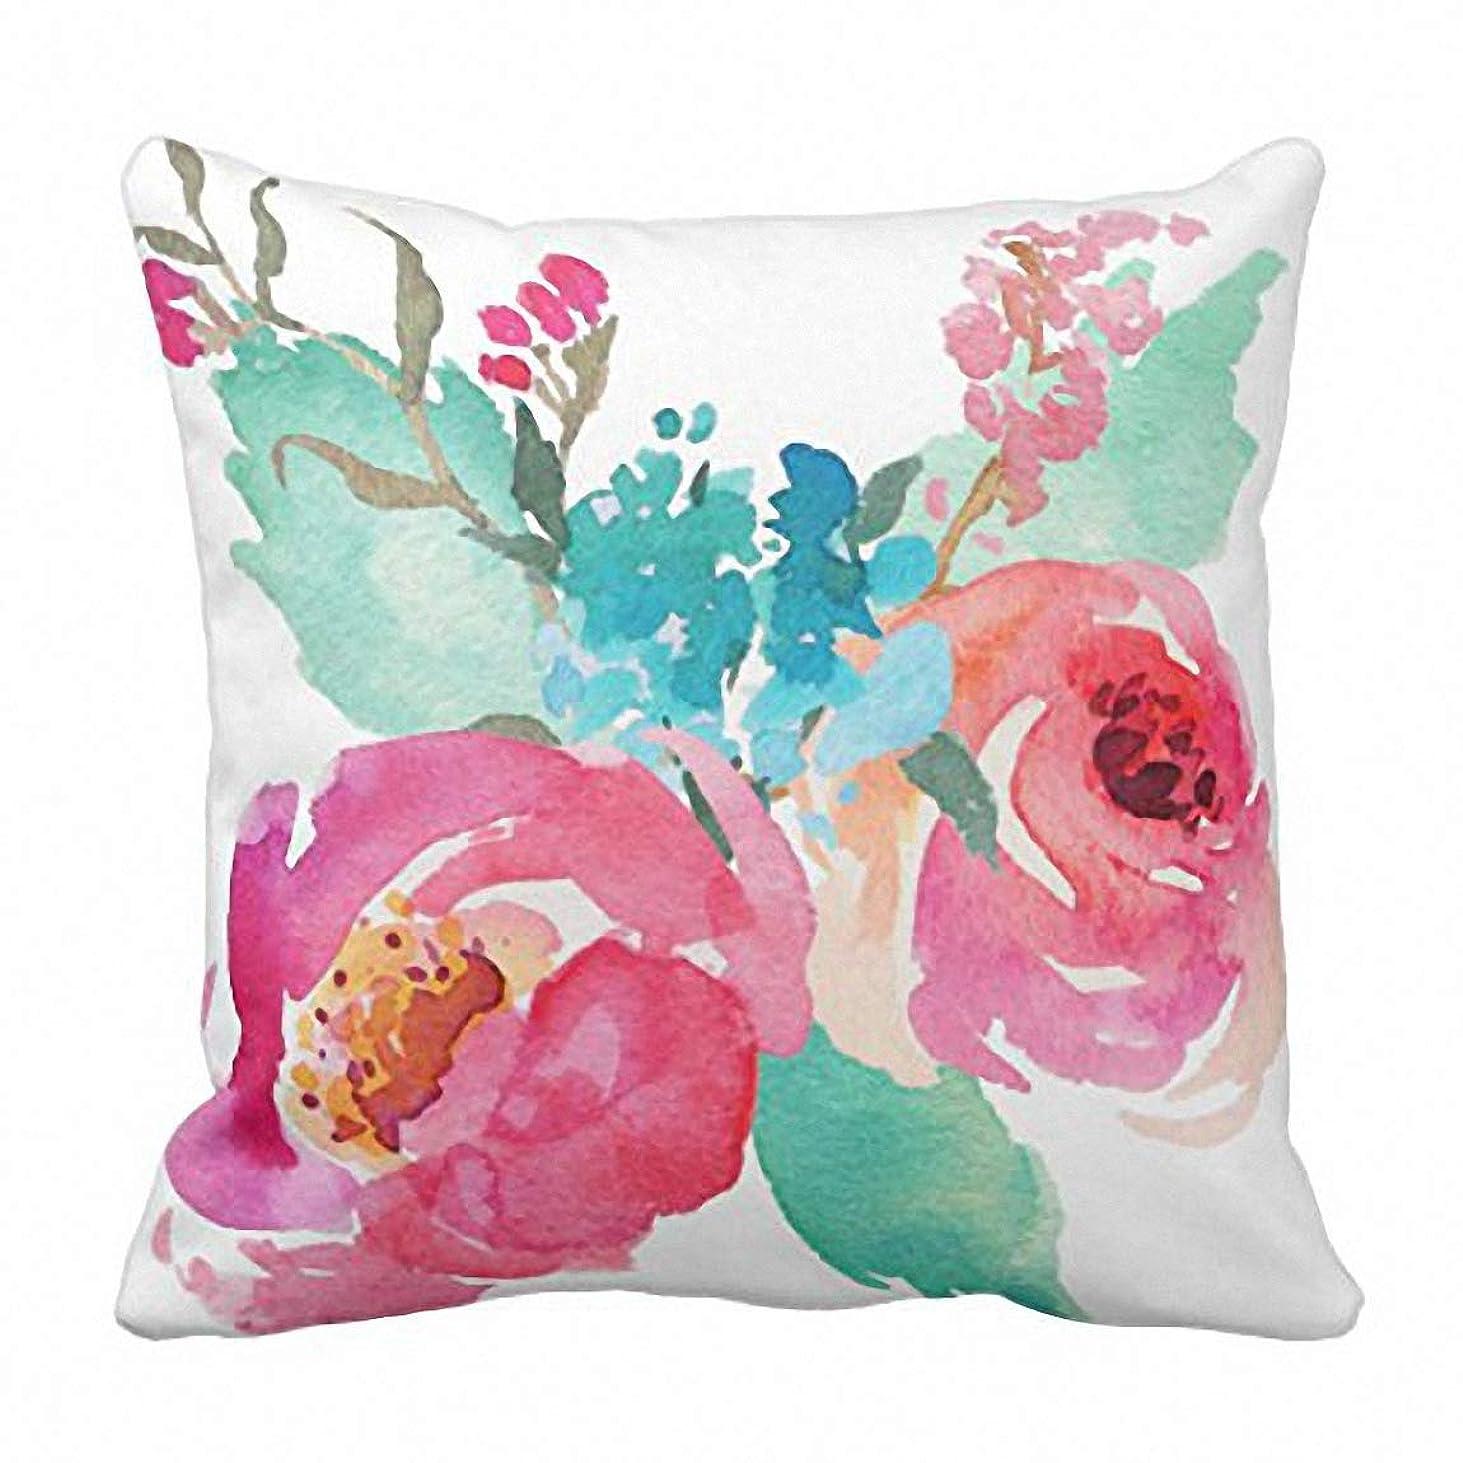 スチュワードありそう飼料枕水彩牡丹ピンクターコイズ夏花束装飾枕カバーガーリーホームデコレーションスクエアクッションカバー枕カバー、45x45